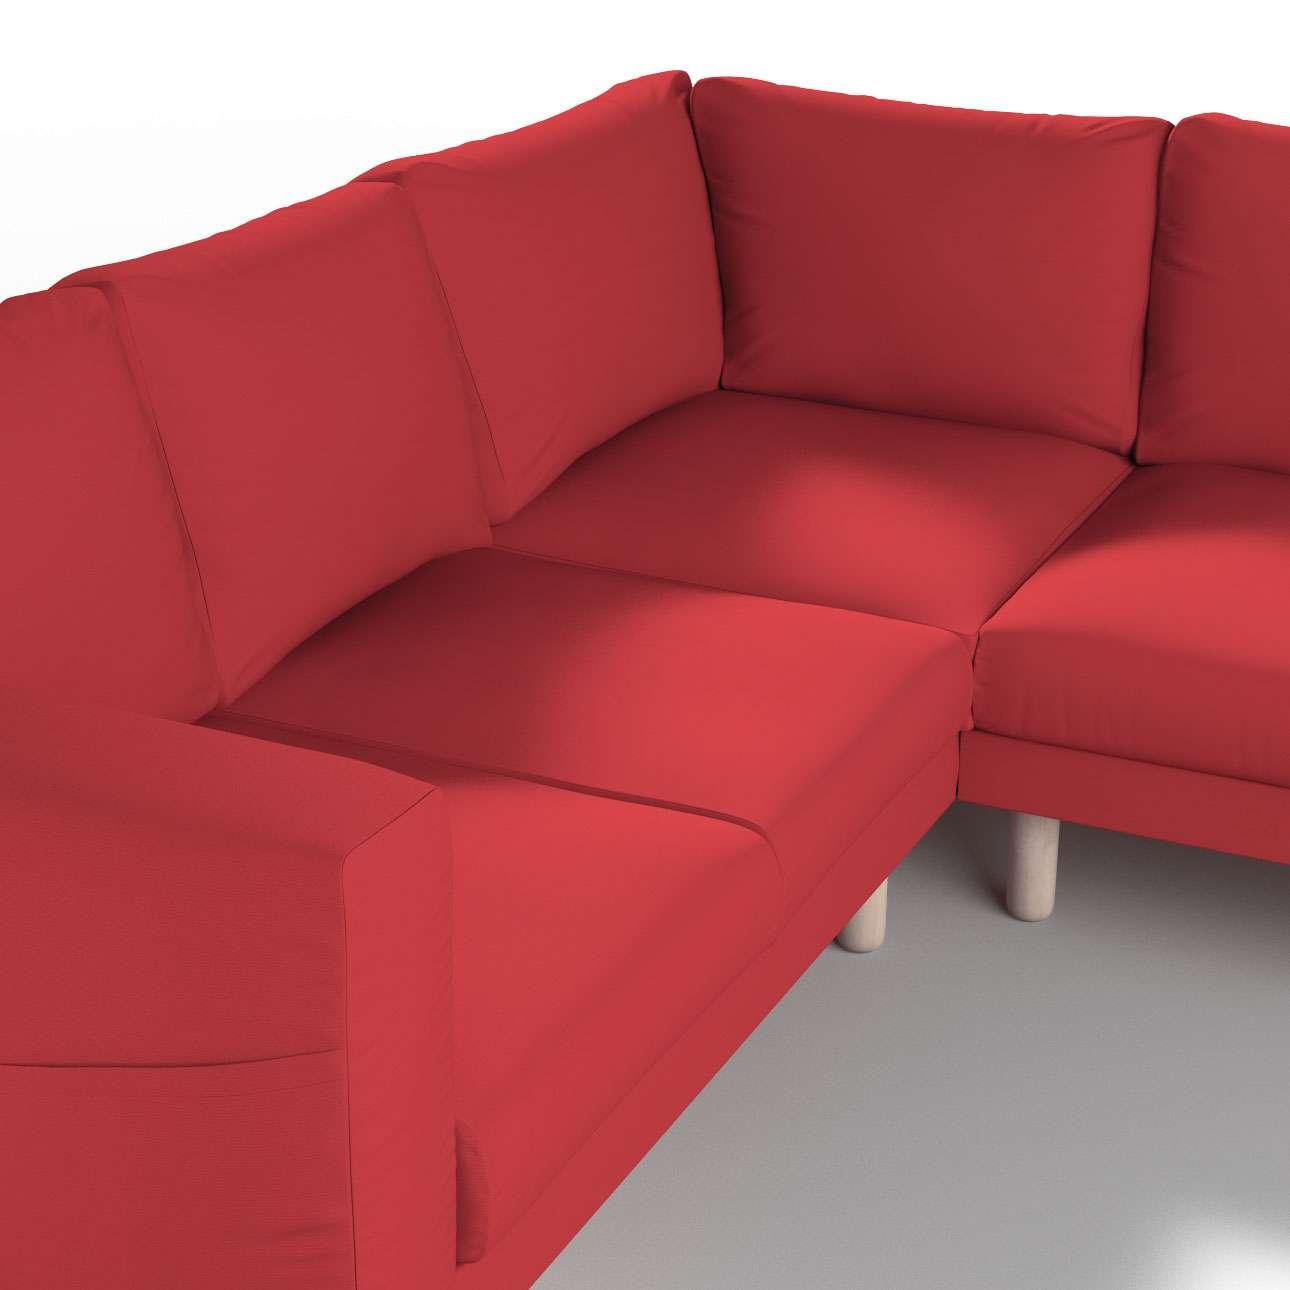 Pokrowiec na sofę narożną Norsborg 4-osobową w kolekcji Cotton Panama, tkanina: 702-04